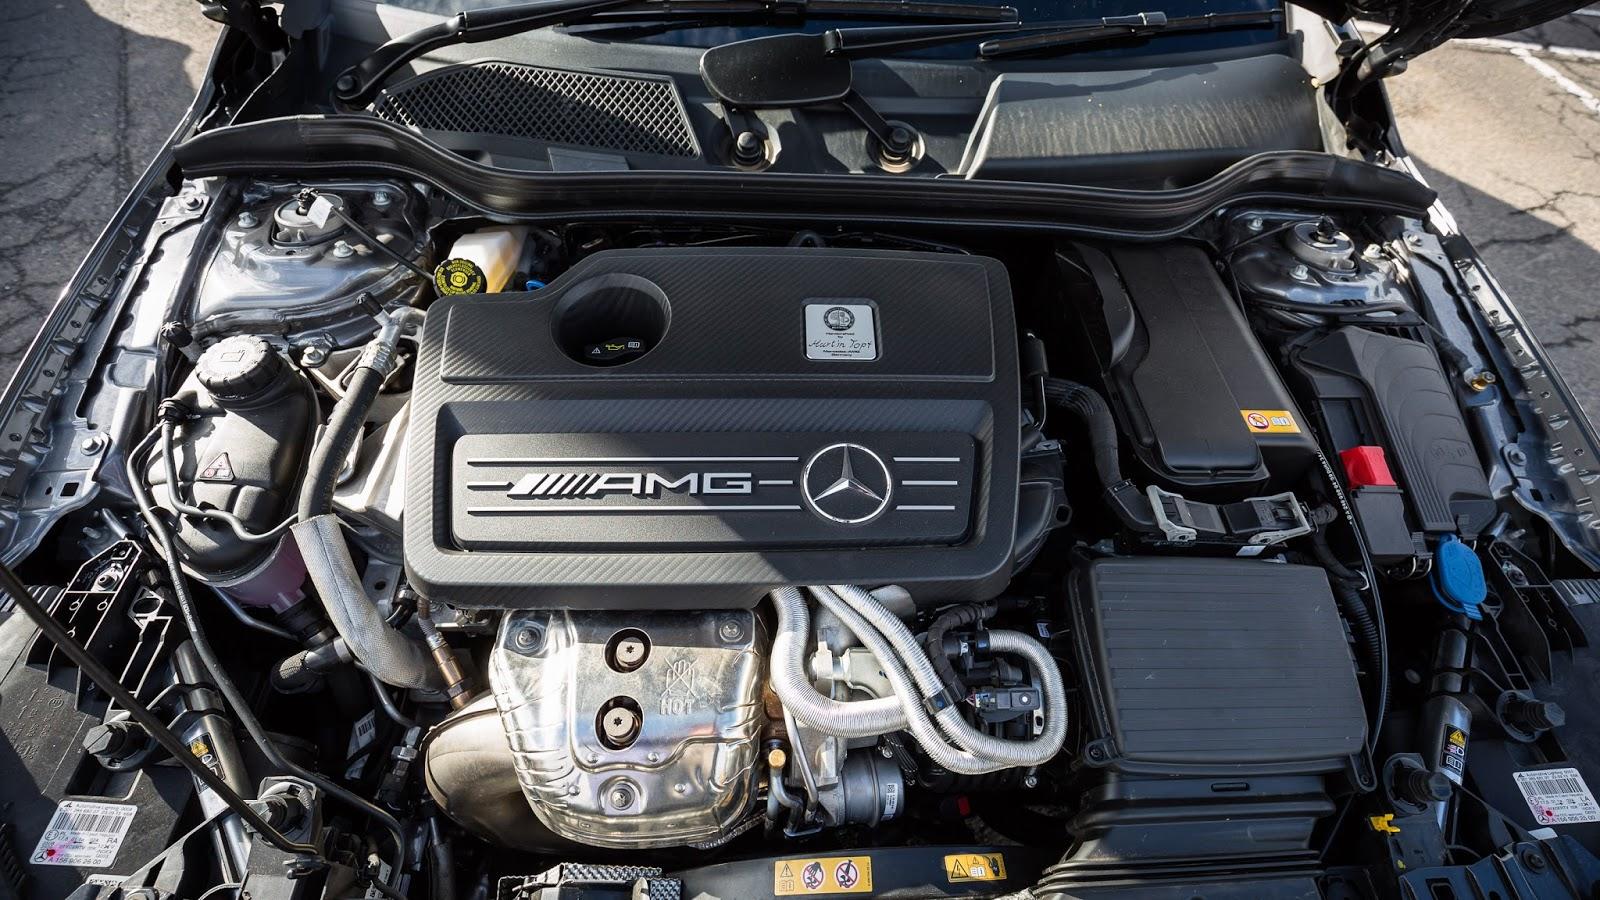 Xe có động cơ cực mạnh và khả năng, tốc độ thuộc hàng...siêu xe